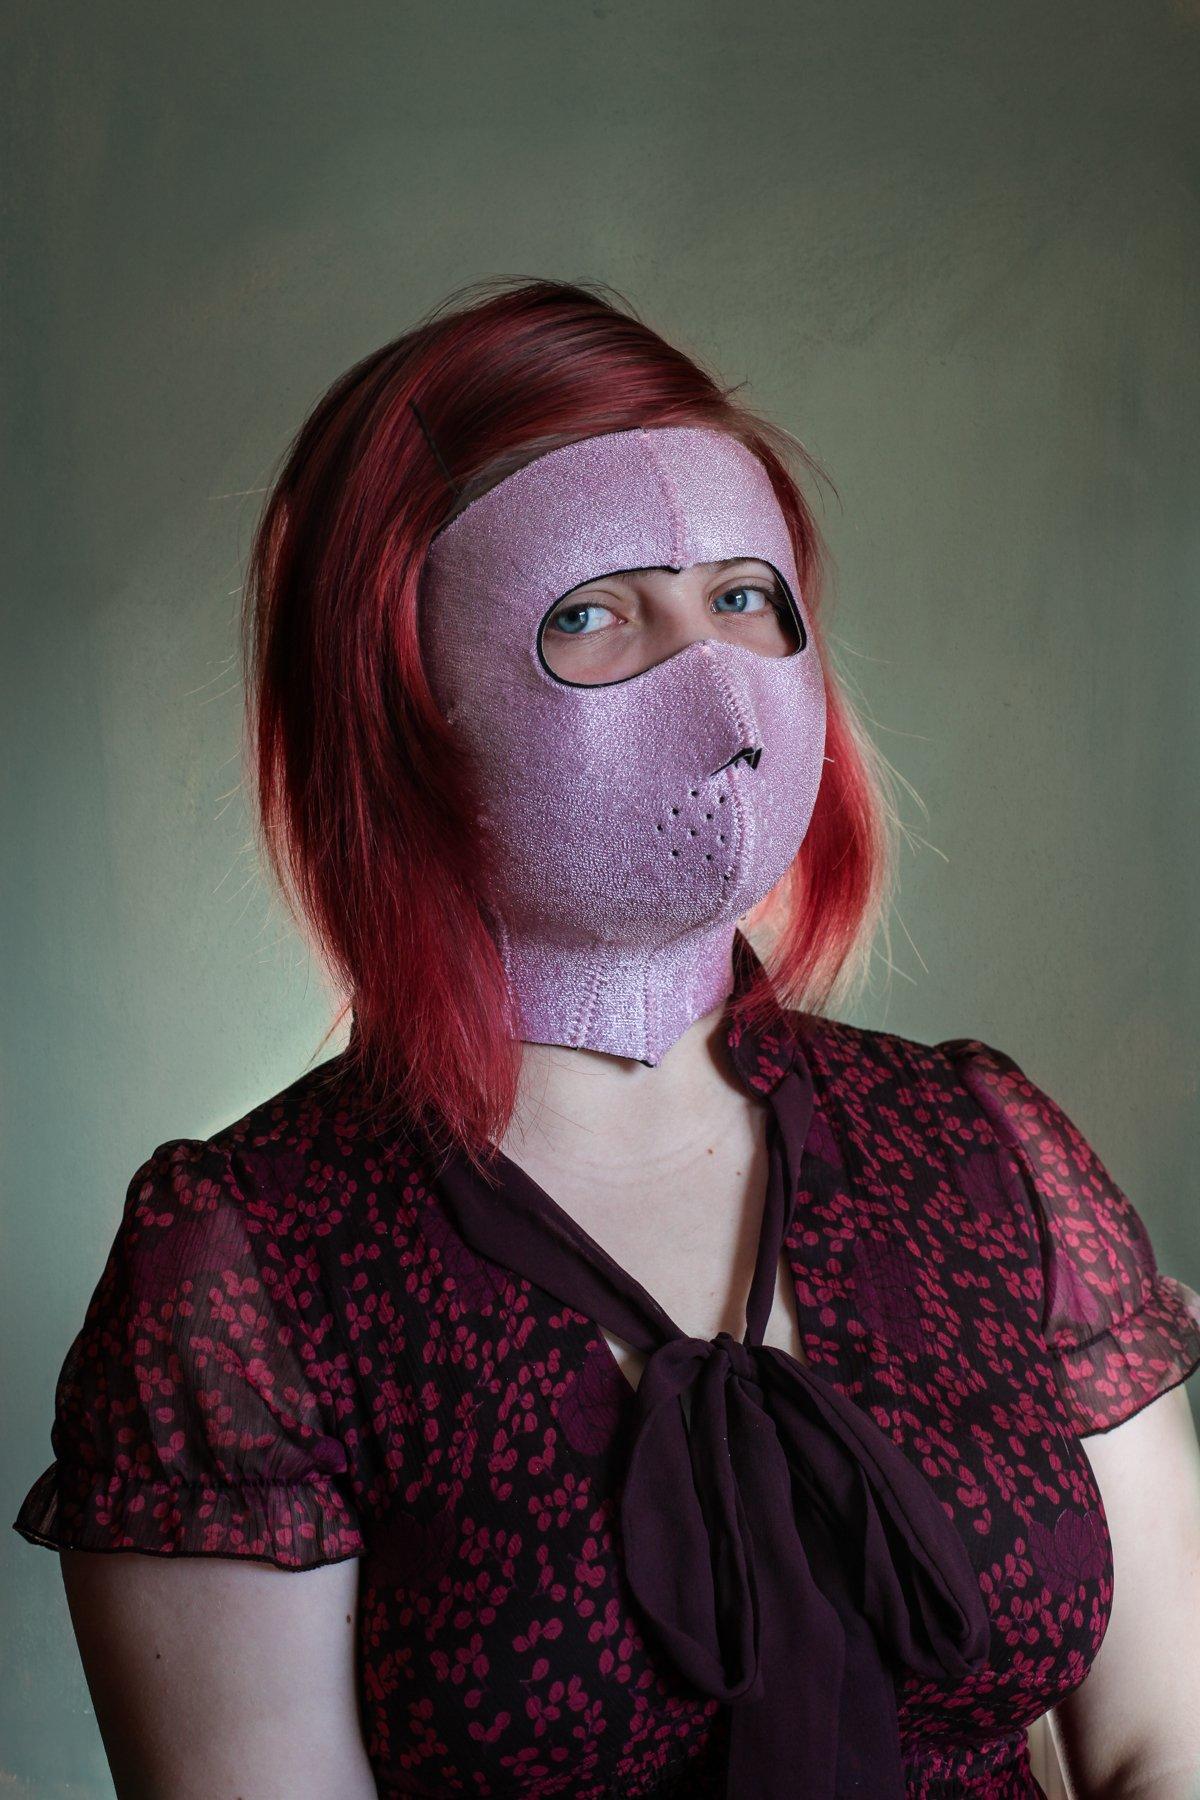 Сауна для лица надевается на все лицо и благодаря специальной ткани заставляет кожу интенсивно потет